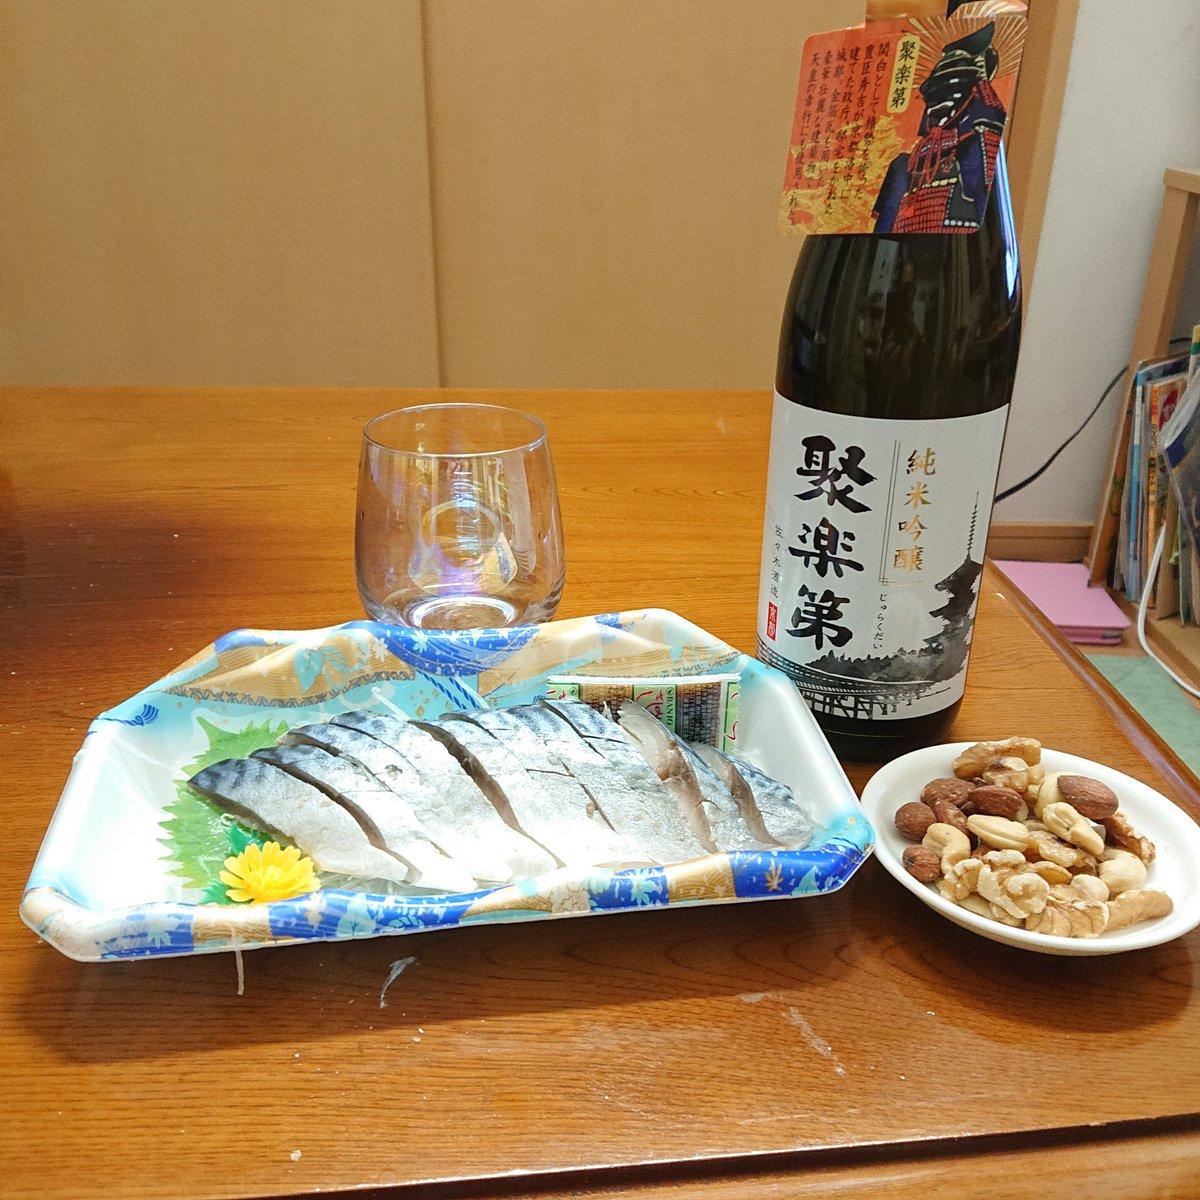 test ツイッターメディア - 今日の晩酌はあの佐々木酒造さんの聚楽第、肴はシメサバとナッツ🥜 さっぱりとした飲み口、ほどよい甘味で何杯でもいけます😁 #日本酒好きな人と繋がりたい  #佐々木酒造 https://t.co/CO9LNqSv68